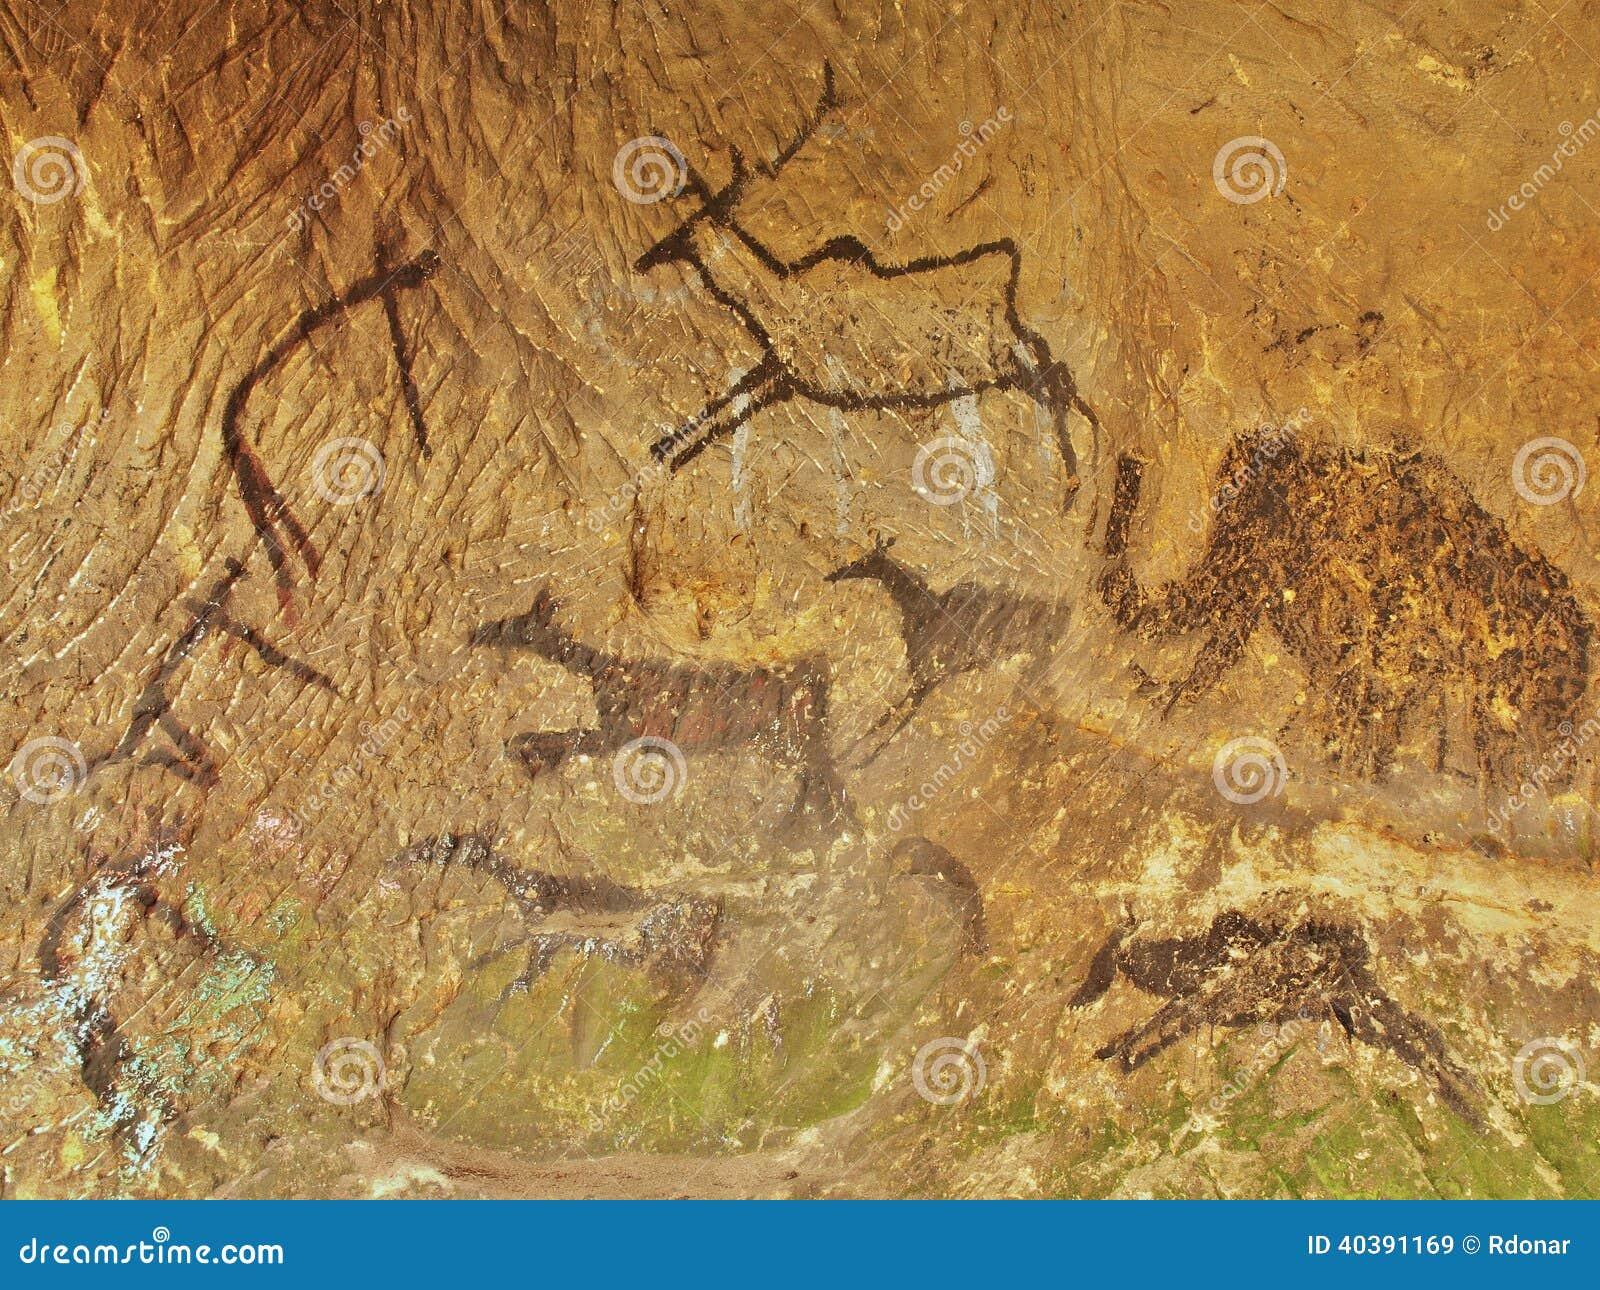 Abstrakcjonistyczna dziecko sztuka w piaskowcowej jamie. Czarna węgiel farba ludzki polowanie na piaskowiec ścianie